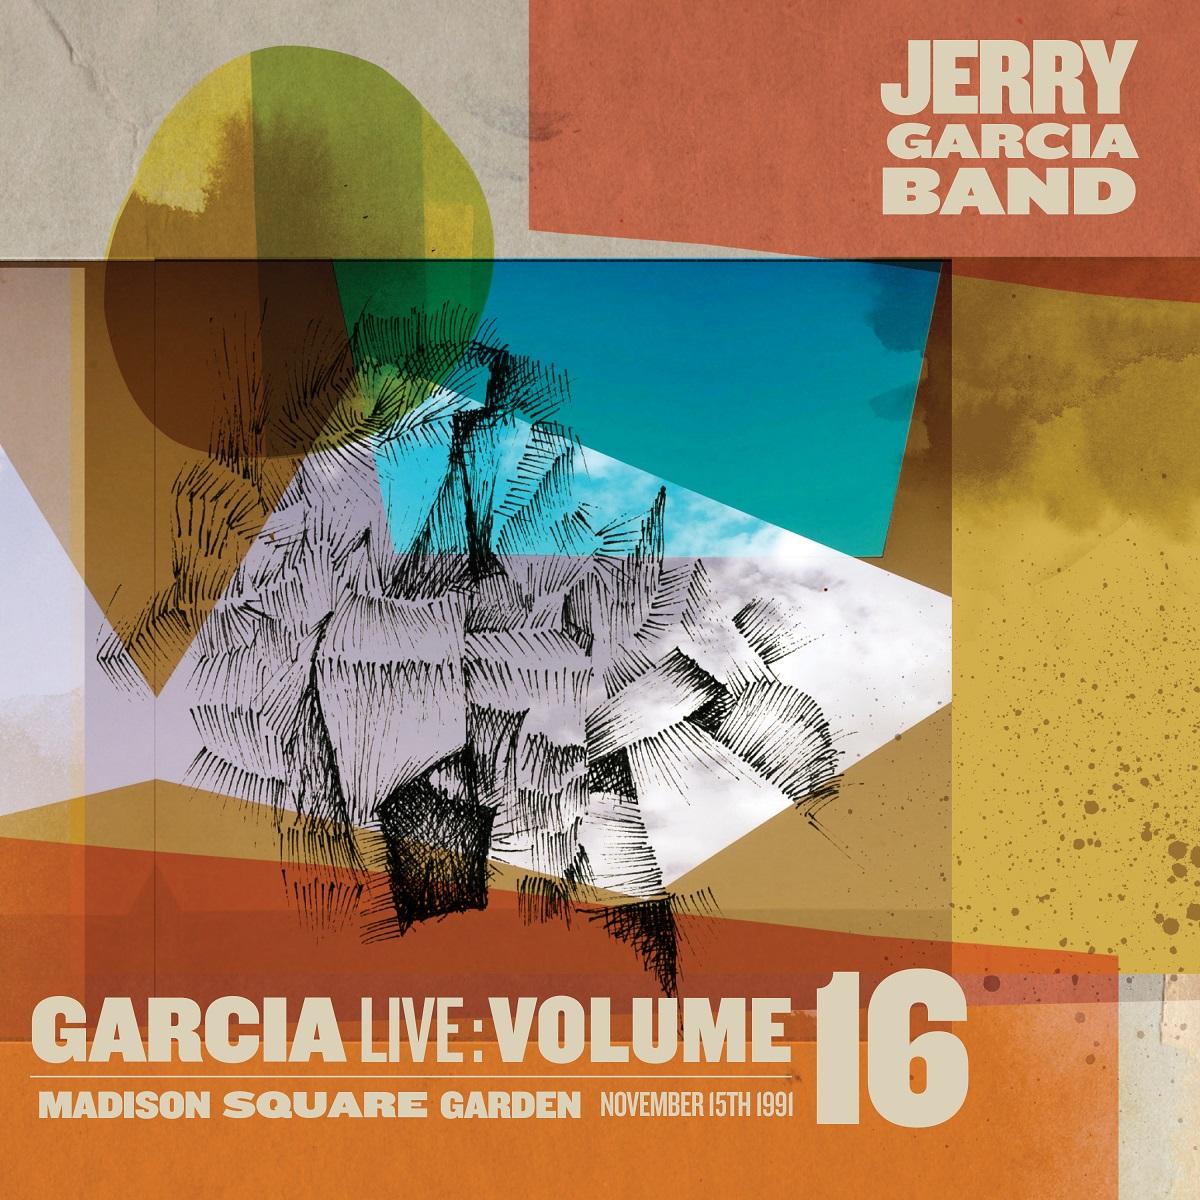 Jerry Garcia Band – GarciaLive Volume 16: 11/15/91 3-CD Set or Digital Download